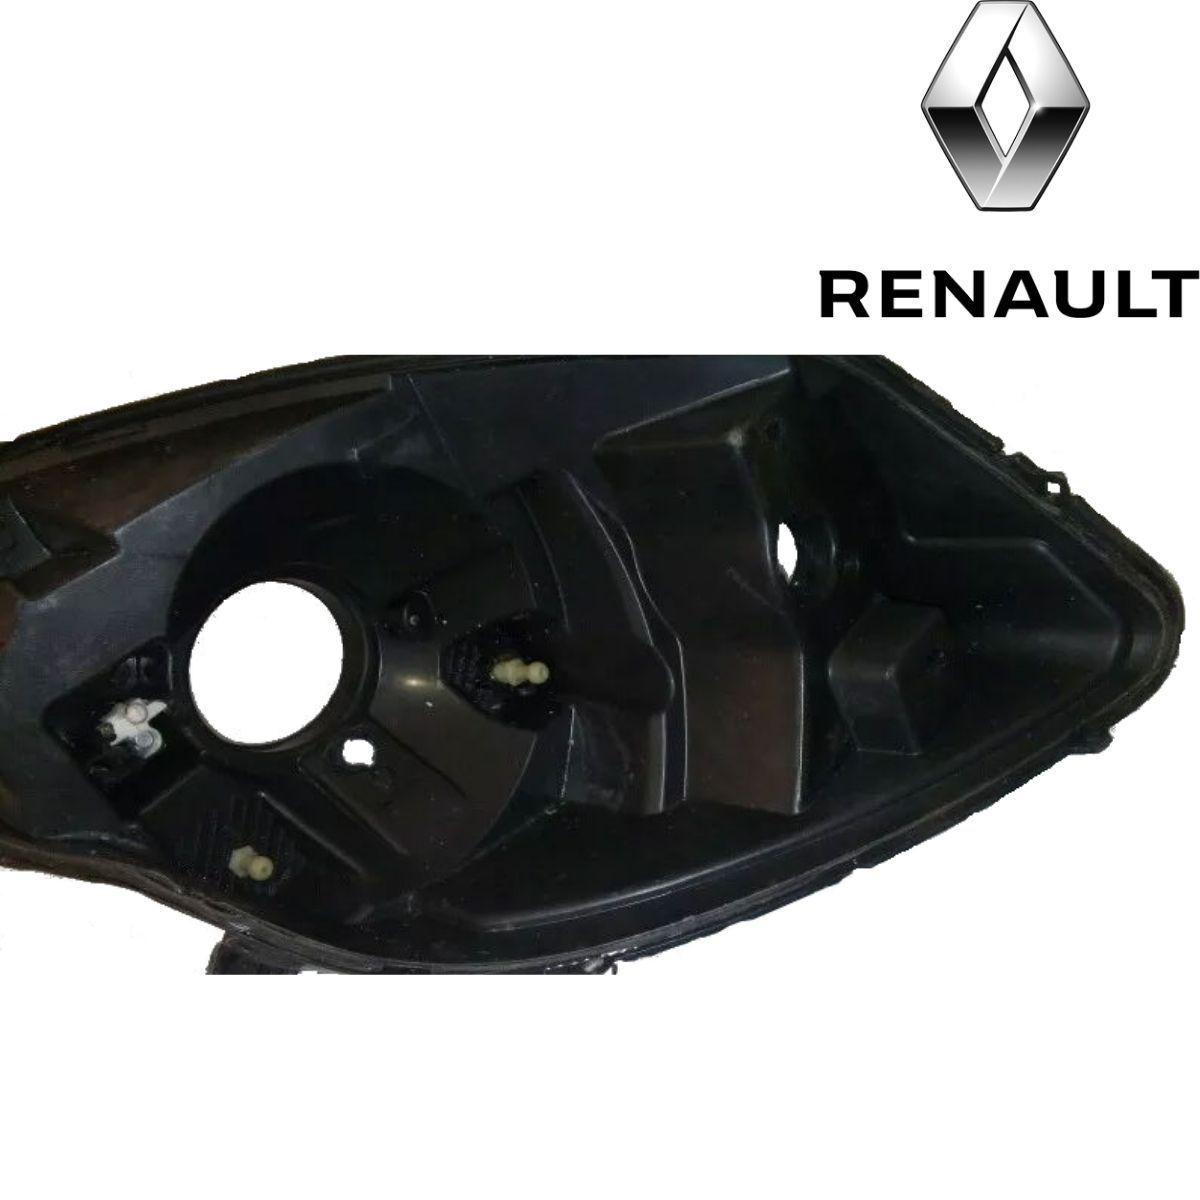 Carcaça De Farol Dianteiro Renault Sandero 2008 A 2011 Original Valeo USADA